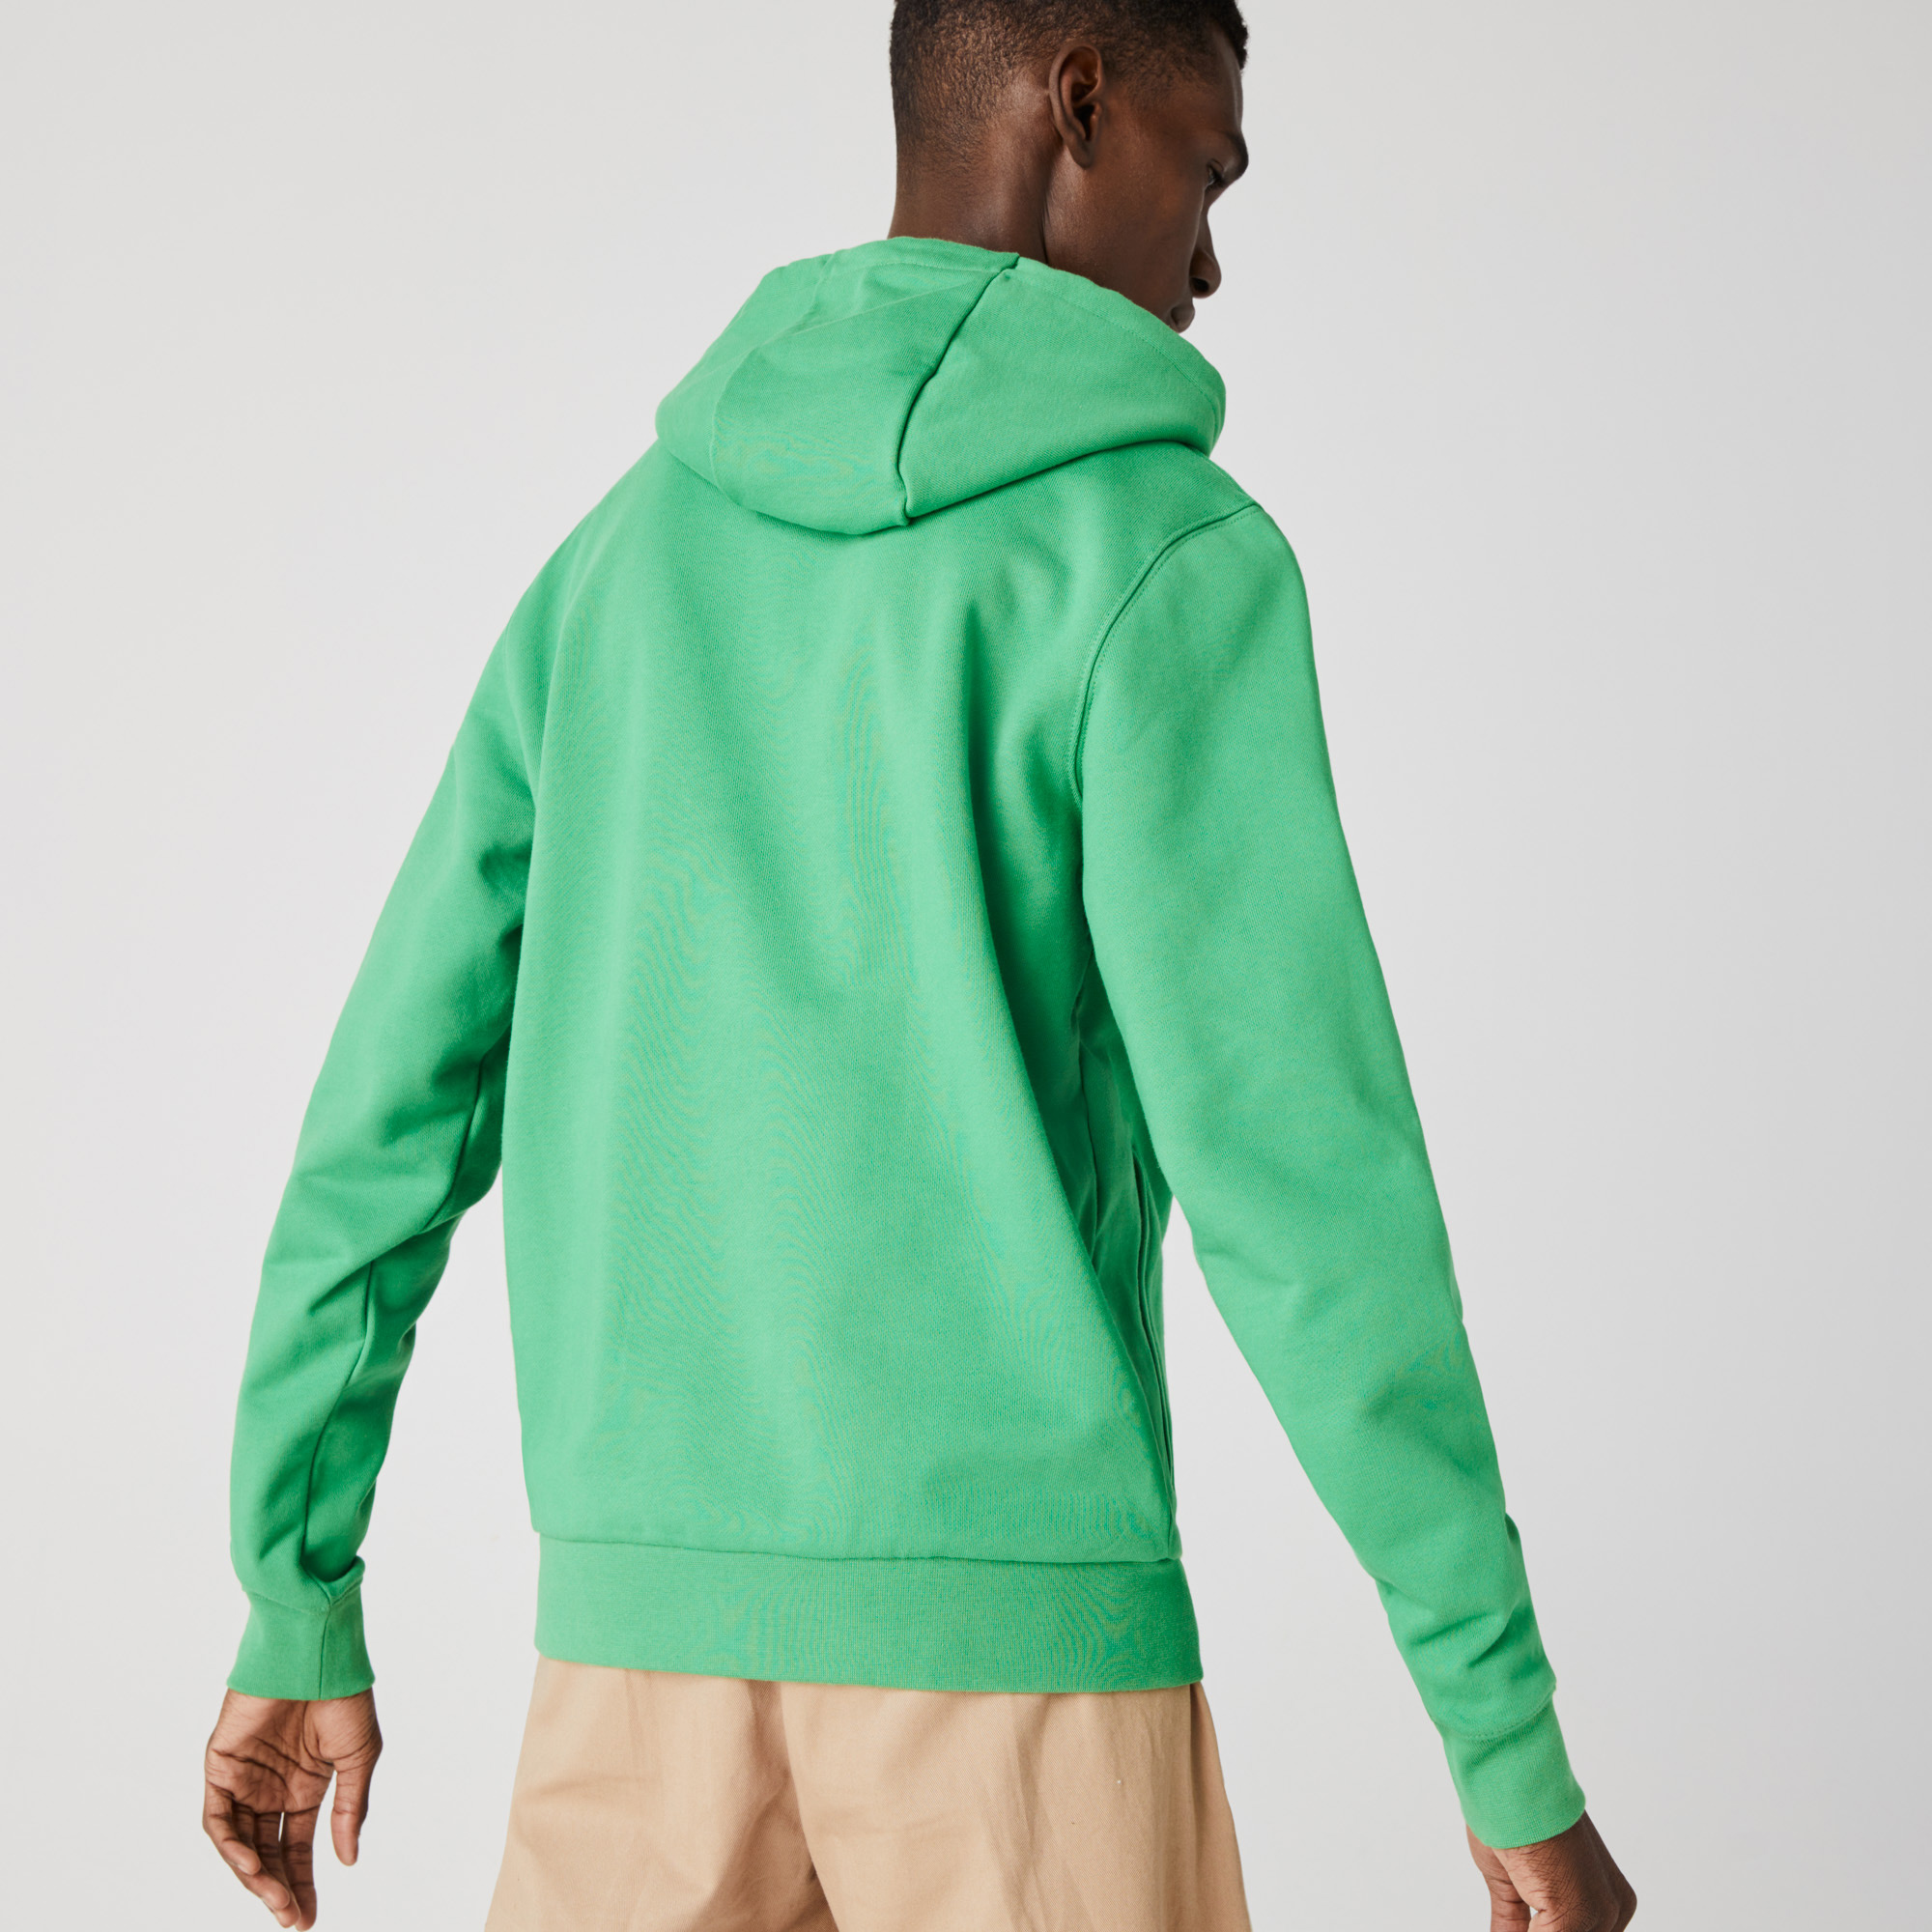 Lacoste Men's Hooded Badge Sweatshirt